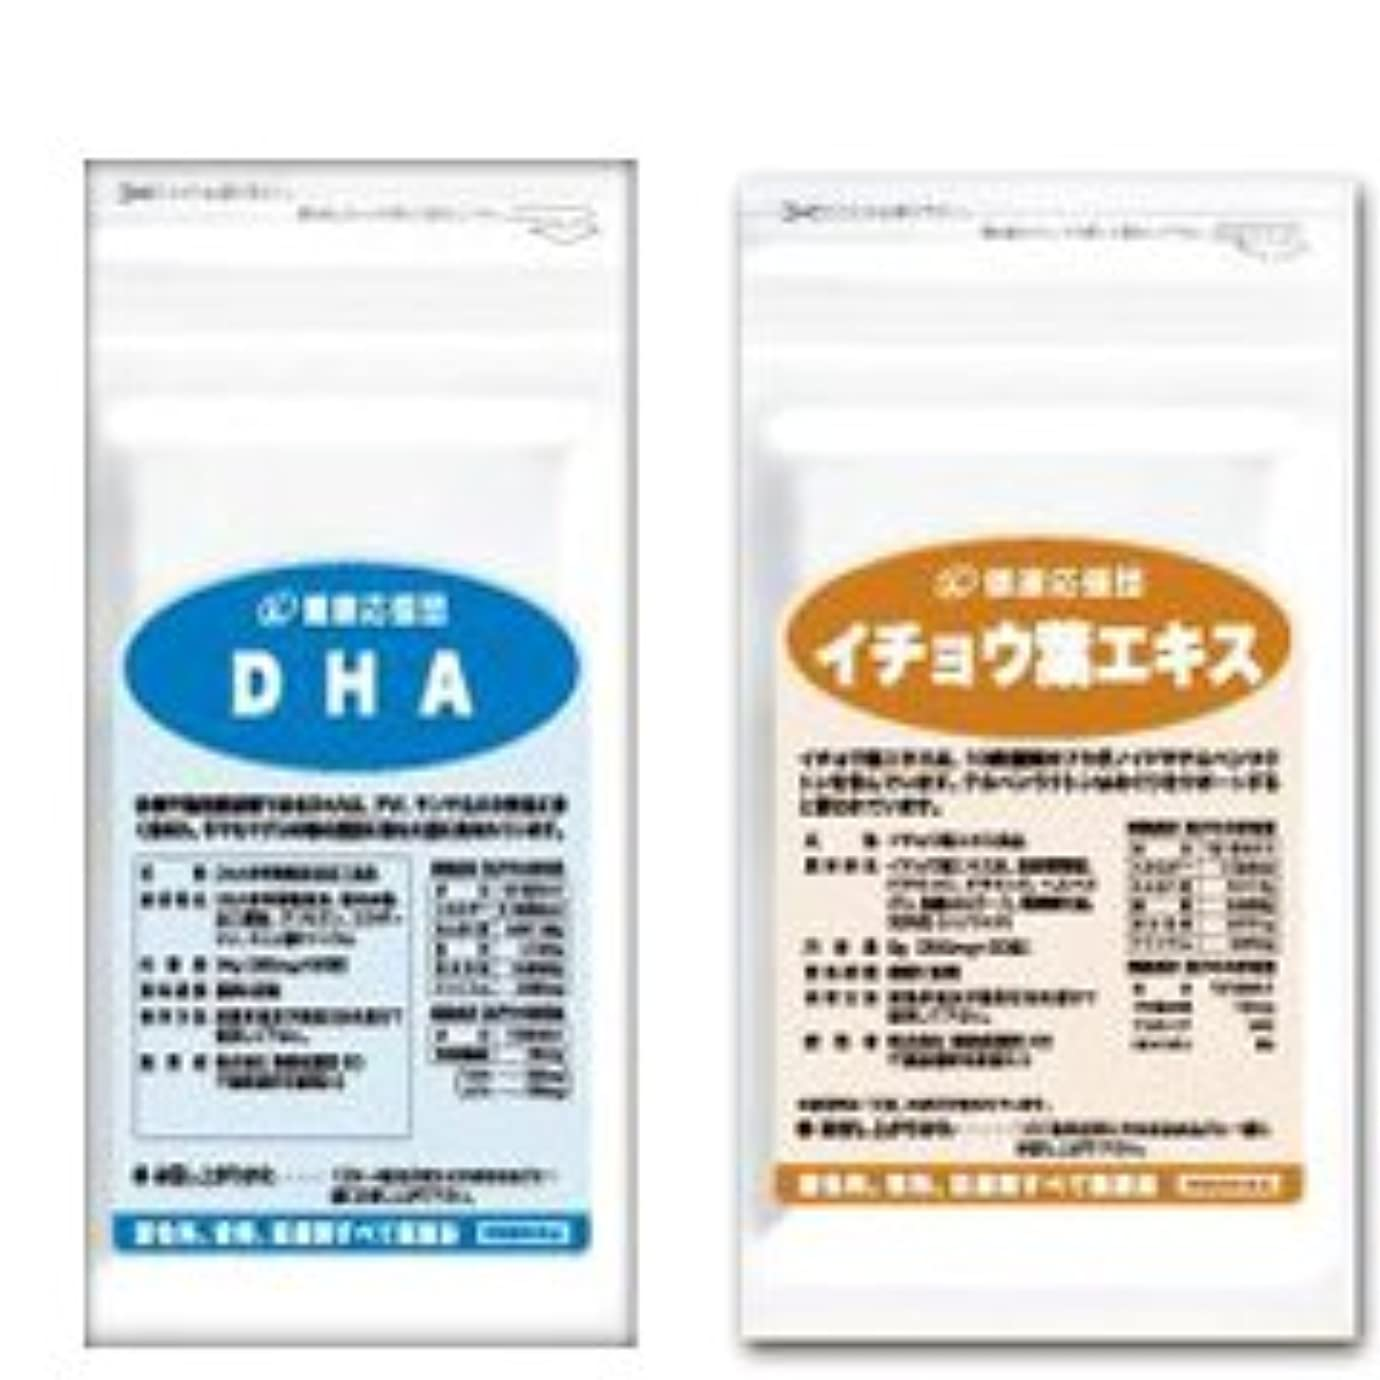 あえぎ静かにチャペル(お徳用6か月分)サラサラ巡りセット DHA + イチョウ葉エキス 6袋セット (DHA?EPA?イチョウ葉?ビタミンC?ビタミンE?ビタミンP配合)